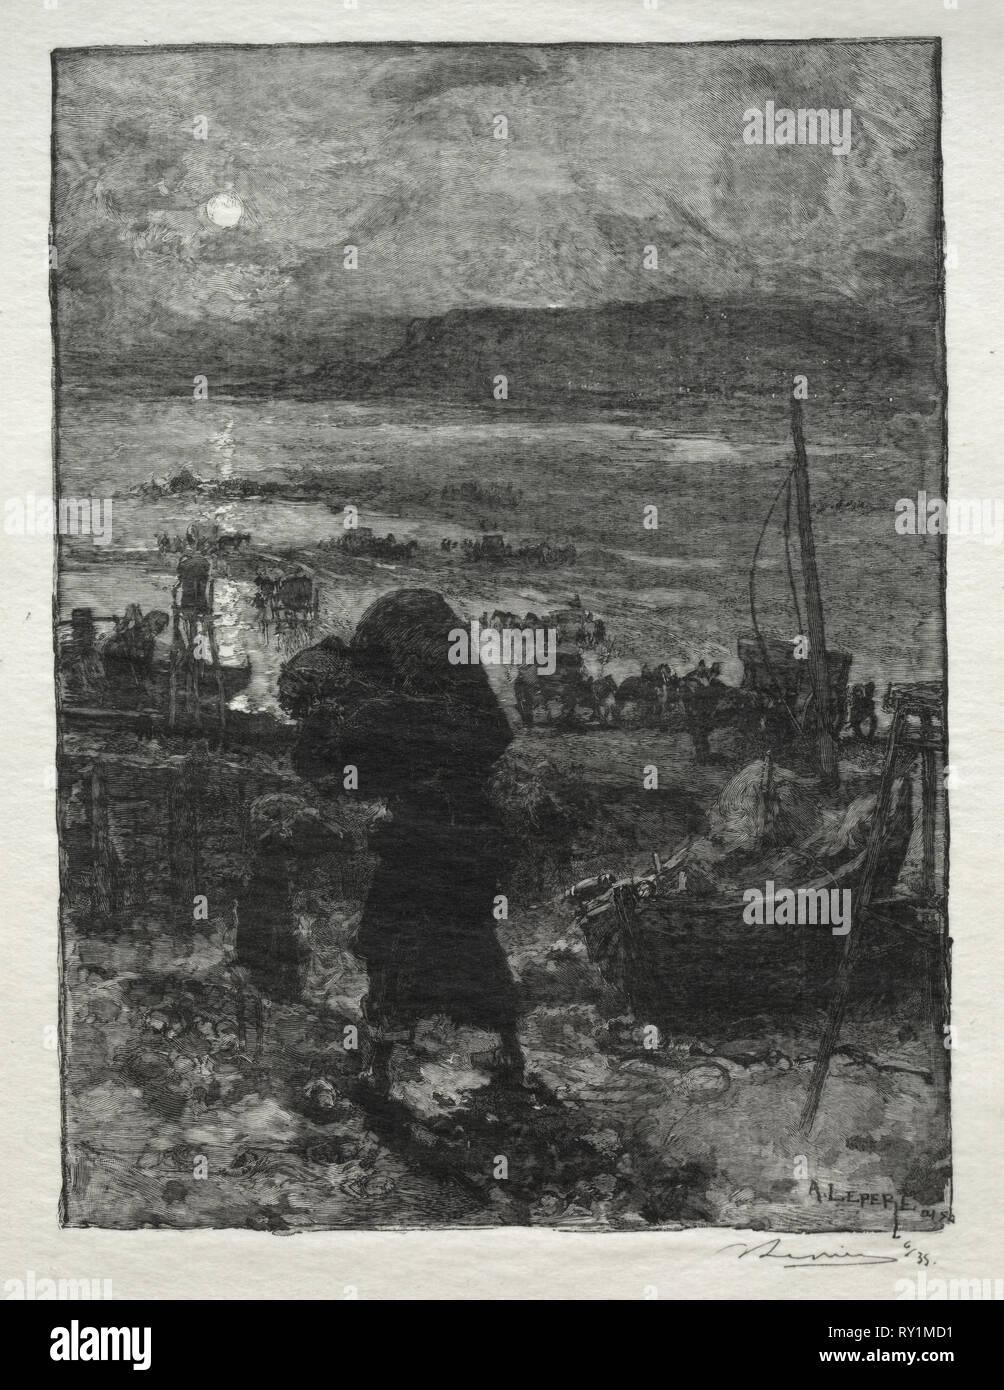 La Récolte du Sable. Auguste Louis Lepère (French, 1849-1918). Wood engraving - Stock Image